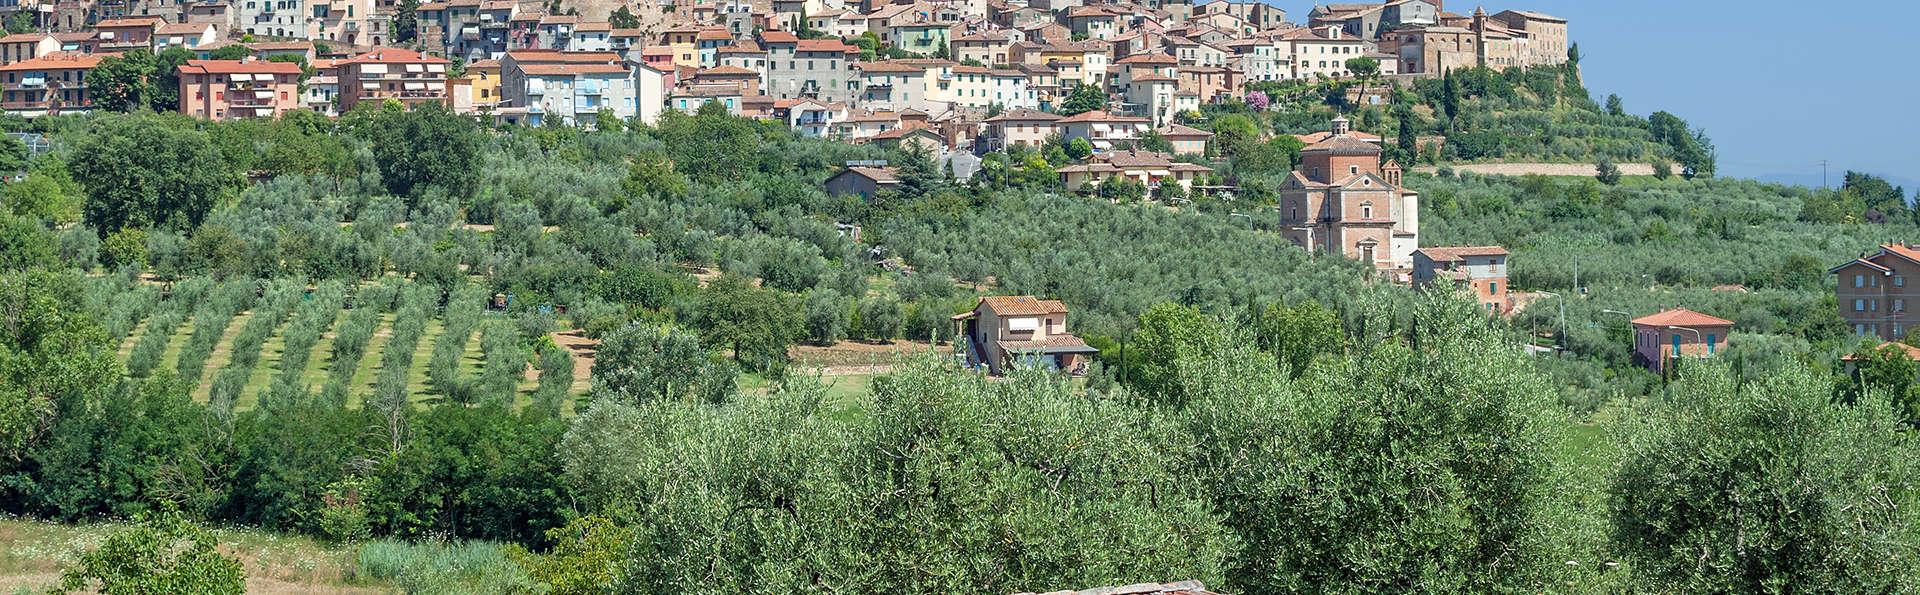 Découvrez la Toscane en famille à Chianciano Terme avec séjour enfant gratuit